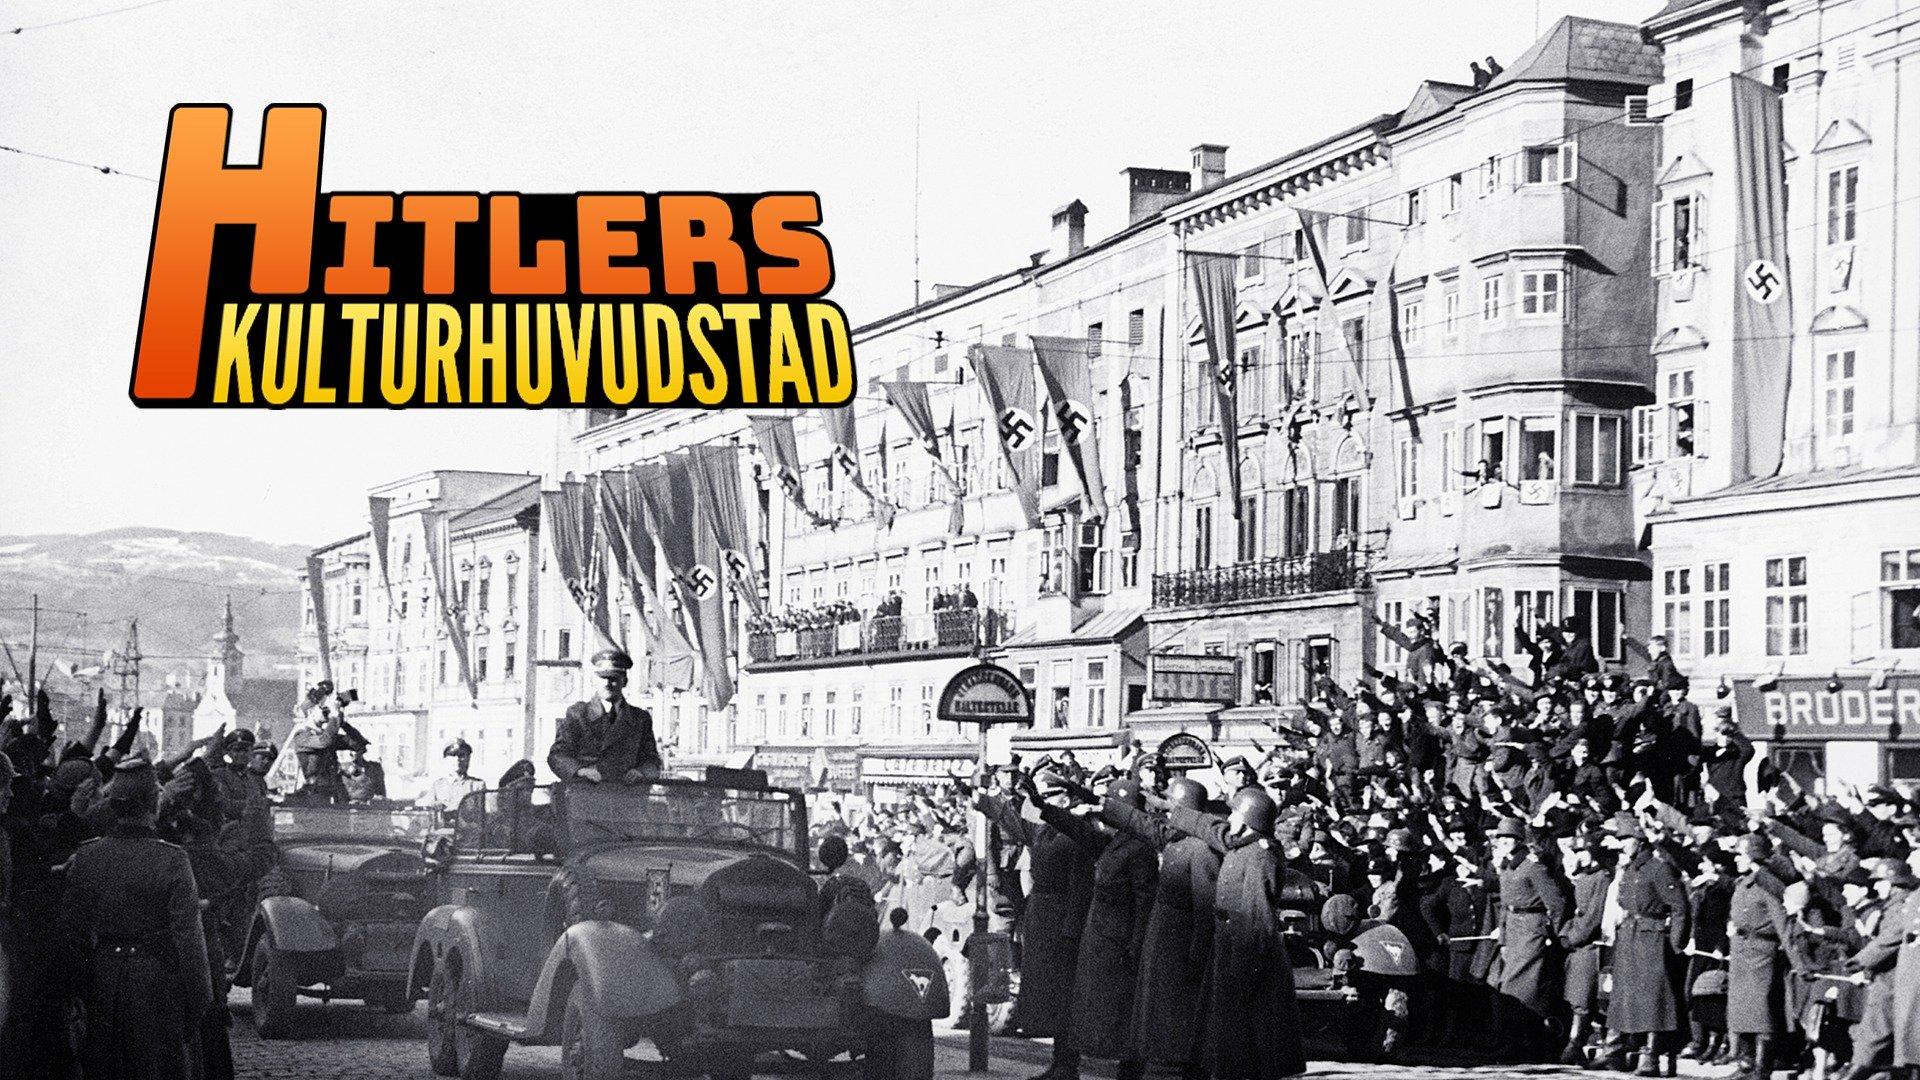 Hitlers kulturhuvudstad